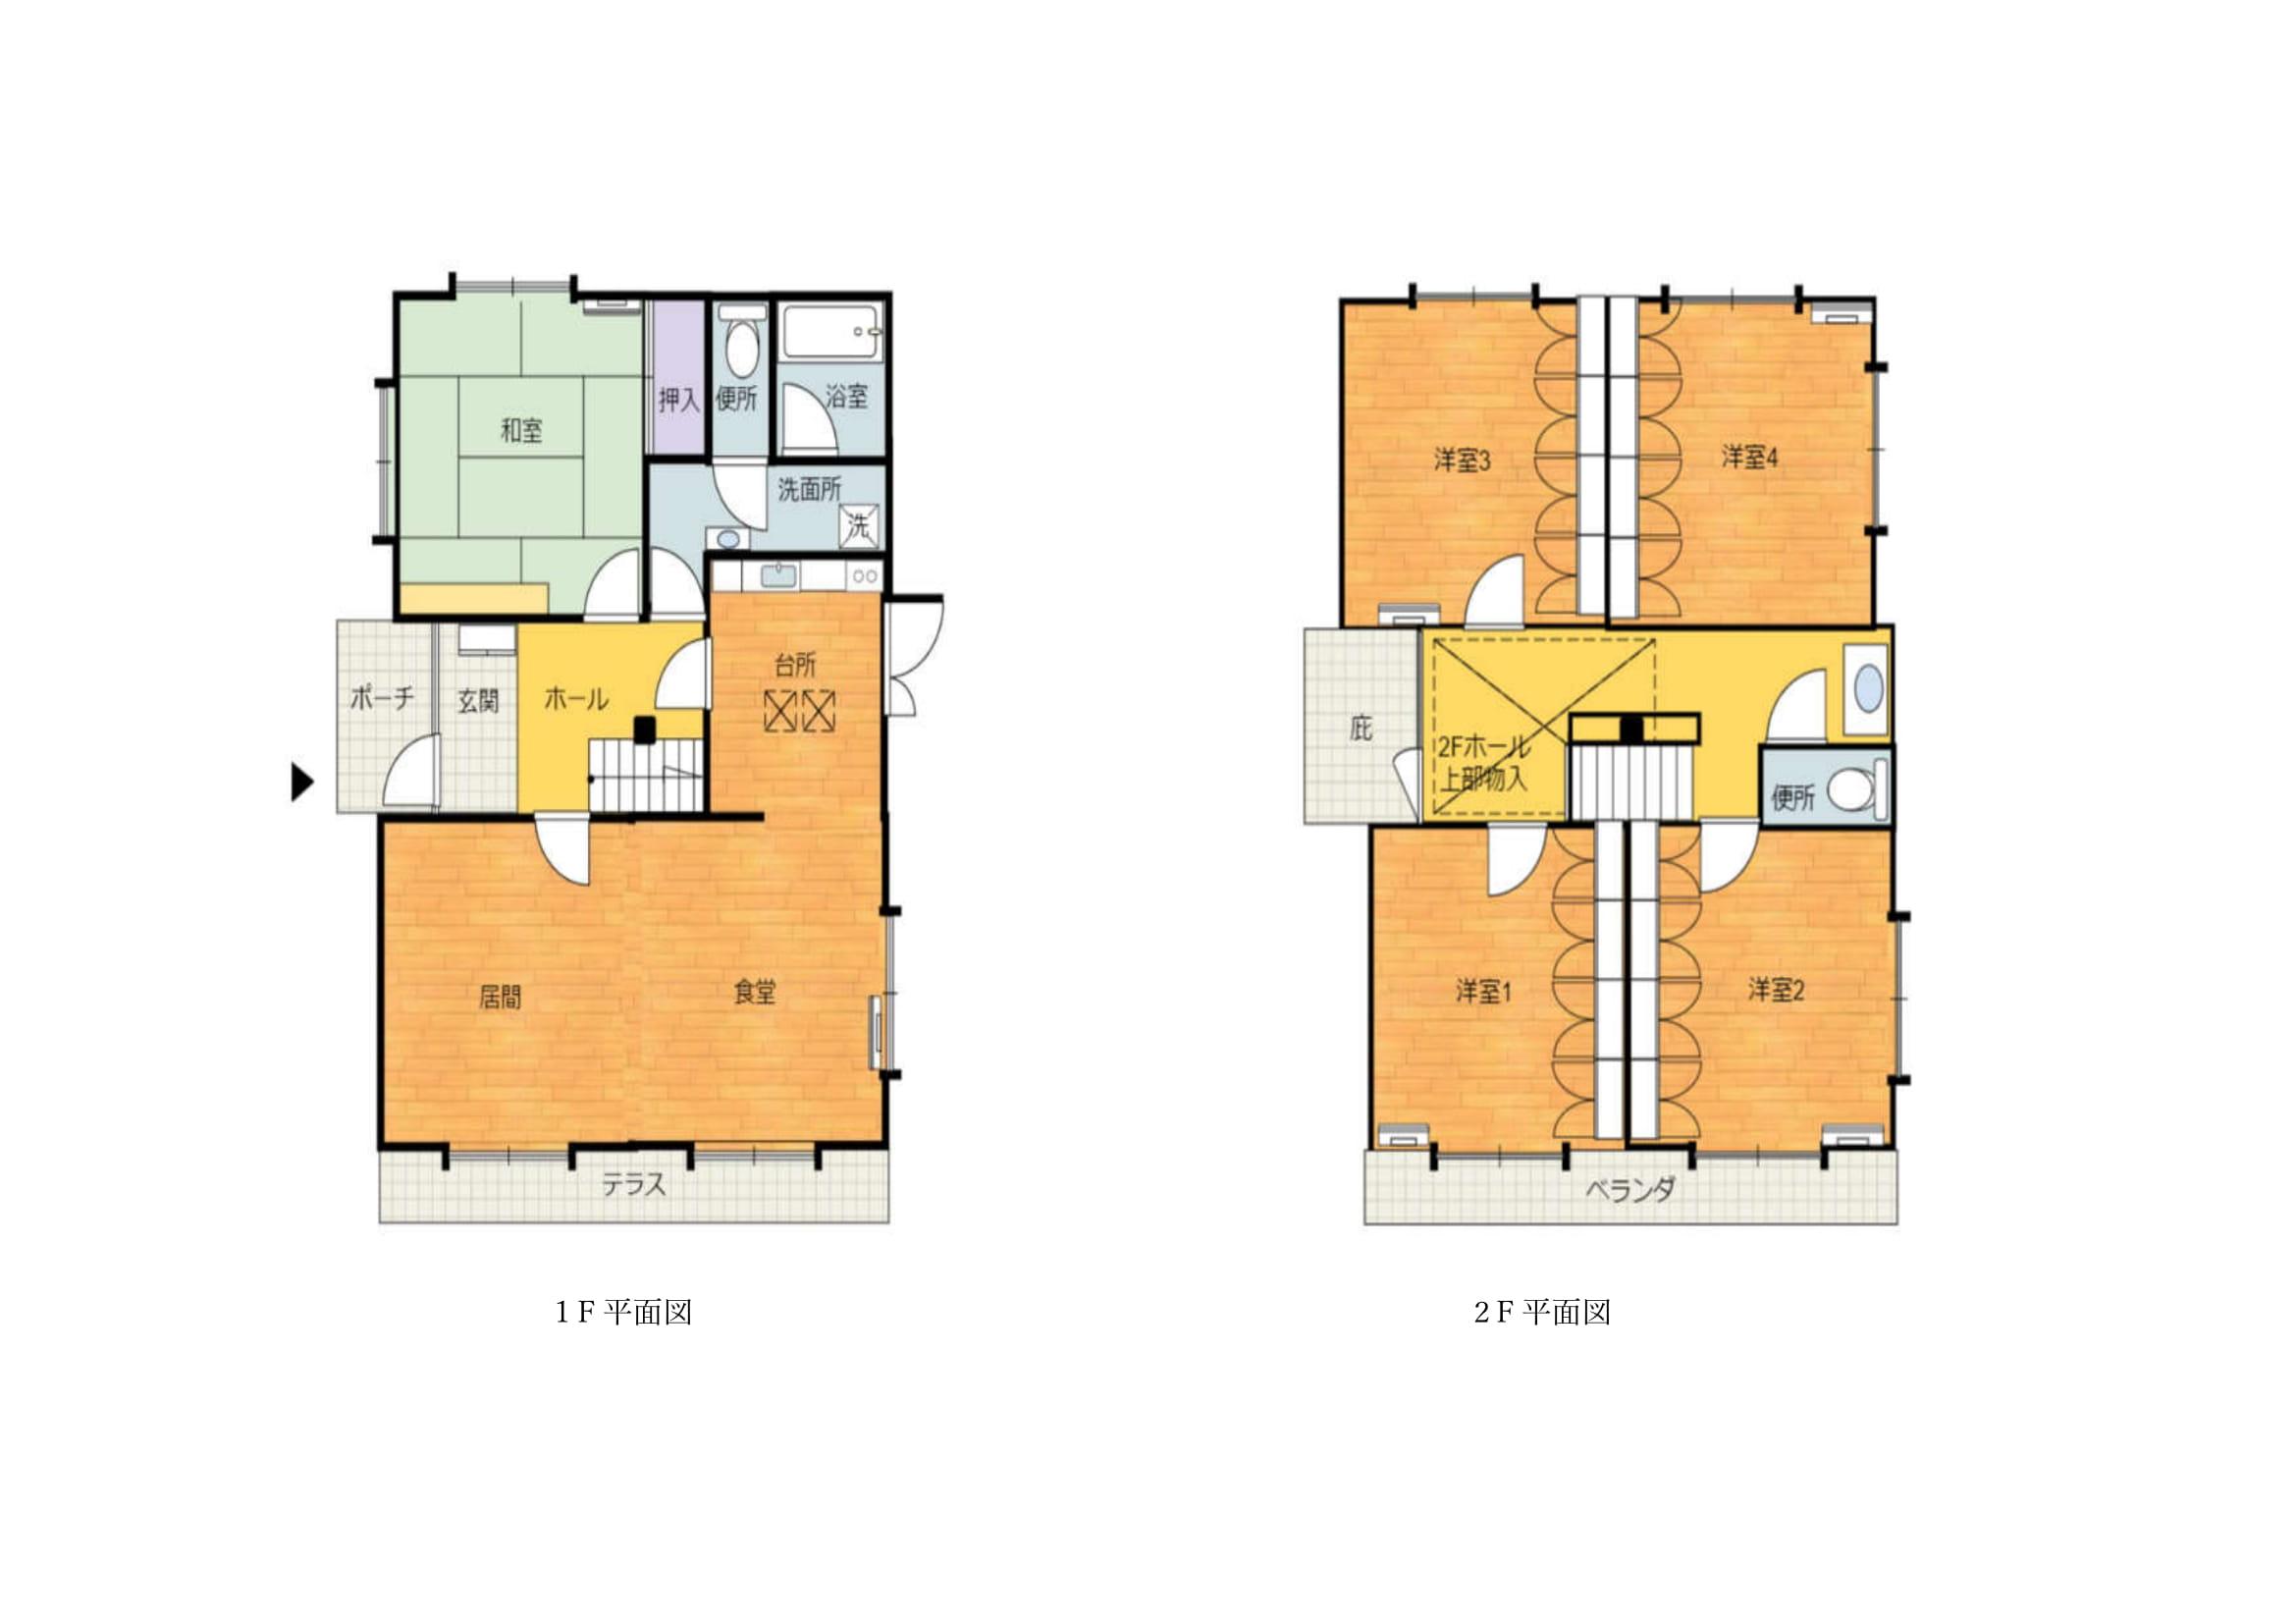 うごきの家_1F平面図2F平面図-1